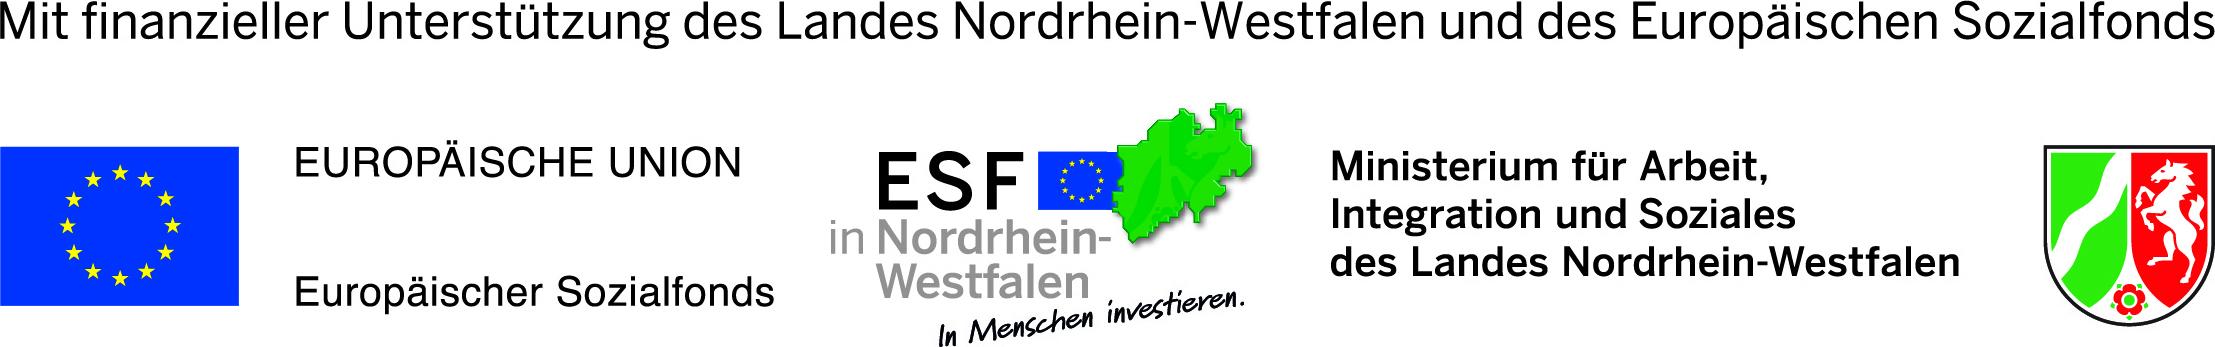 eu_esf-nrw_mais_logo_fh